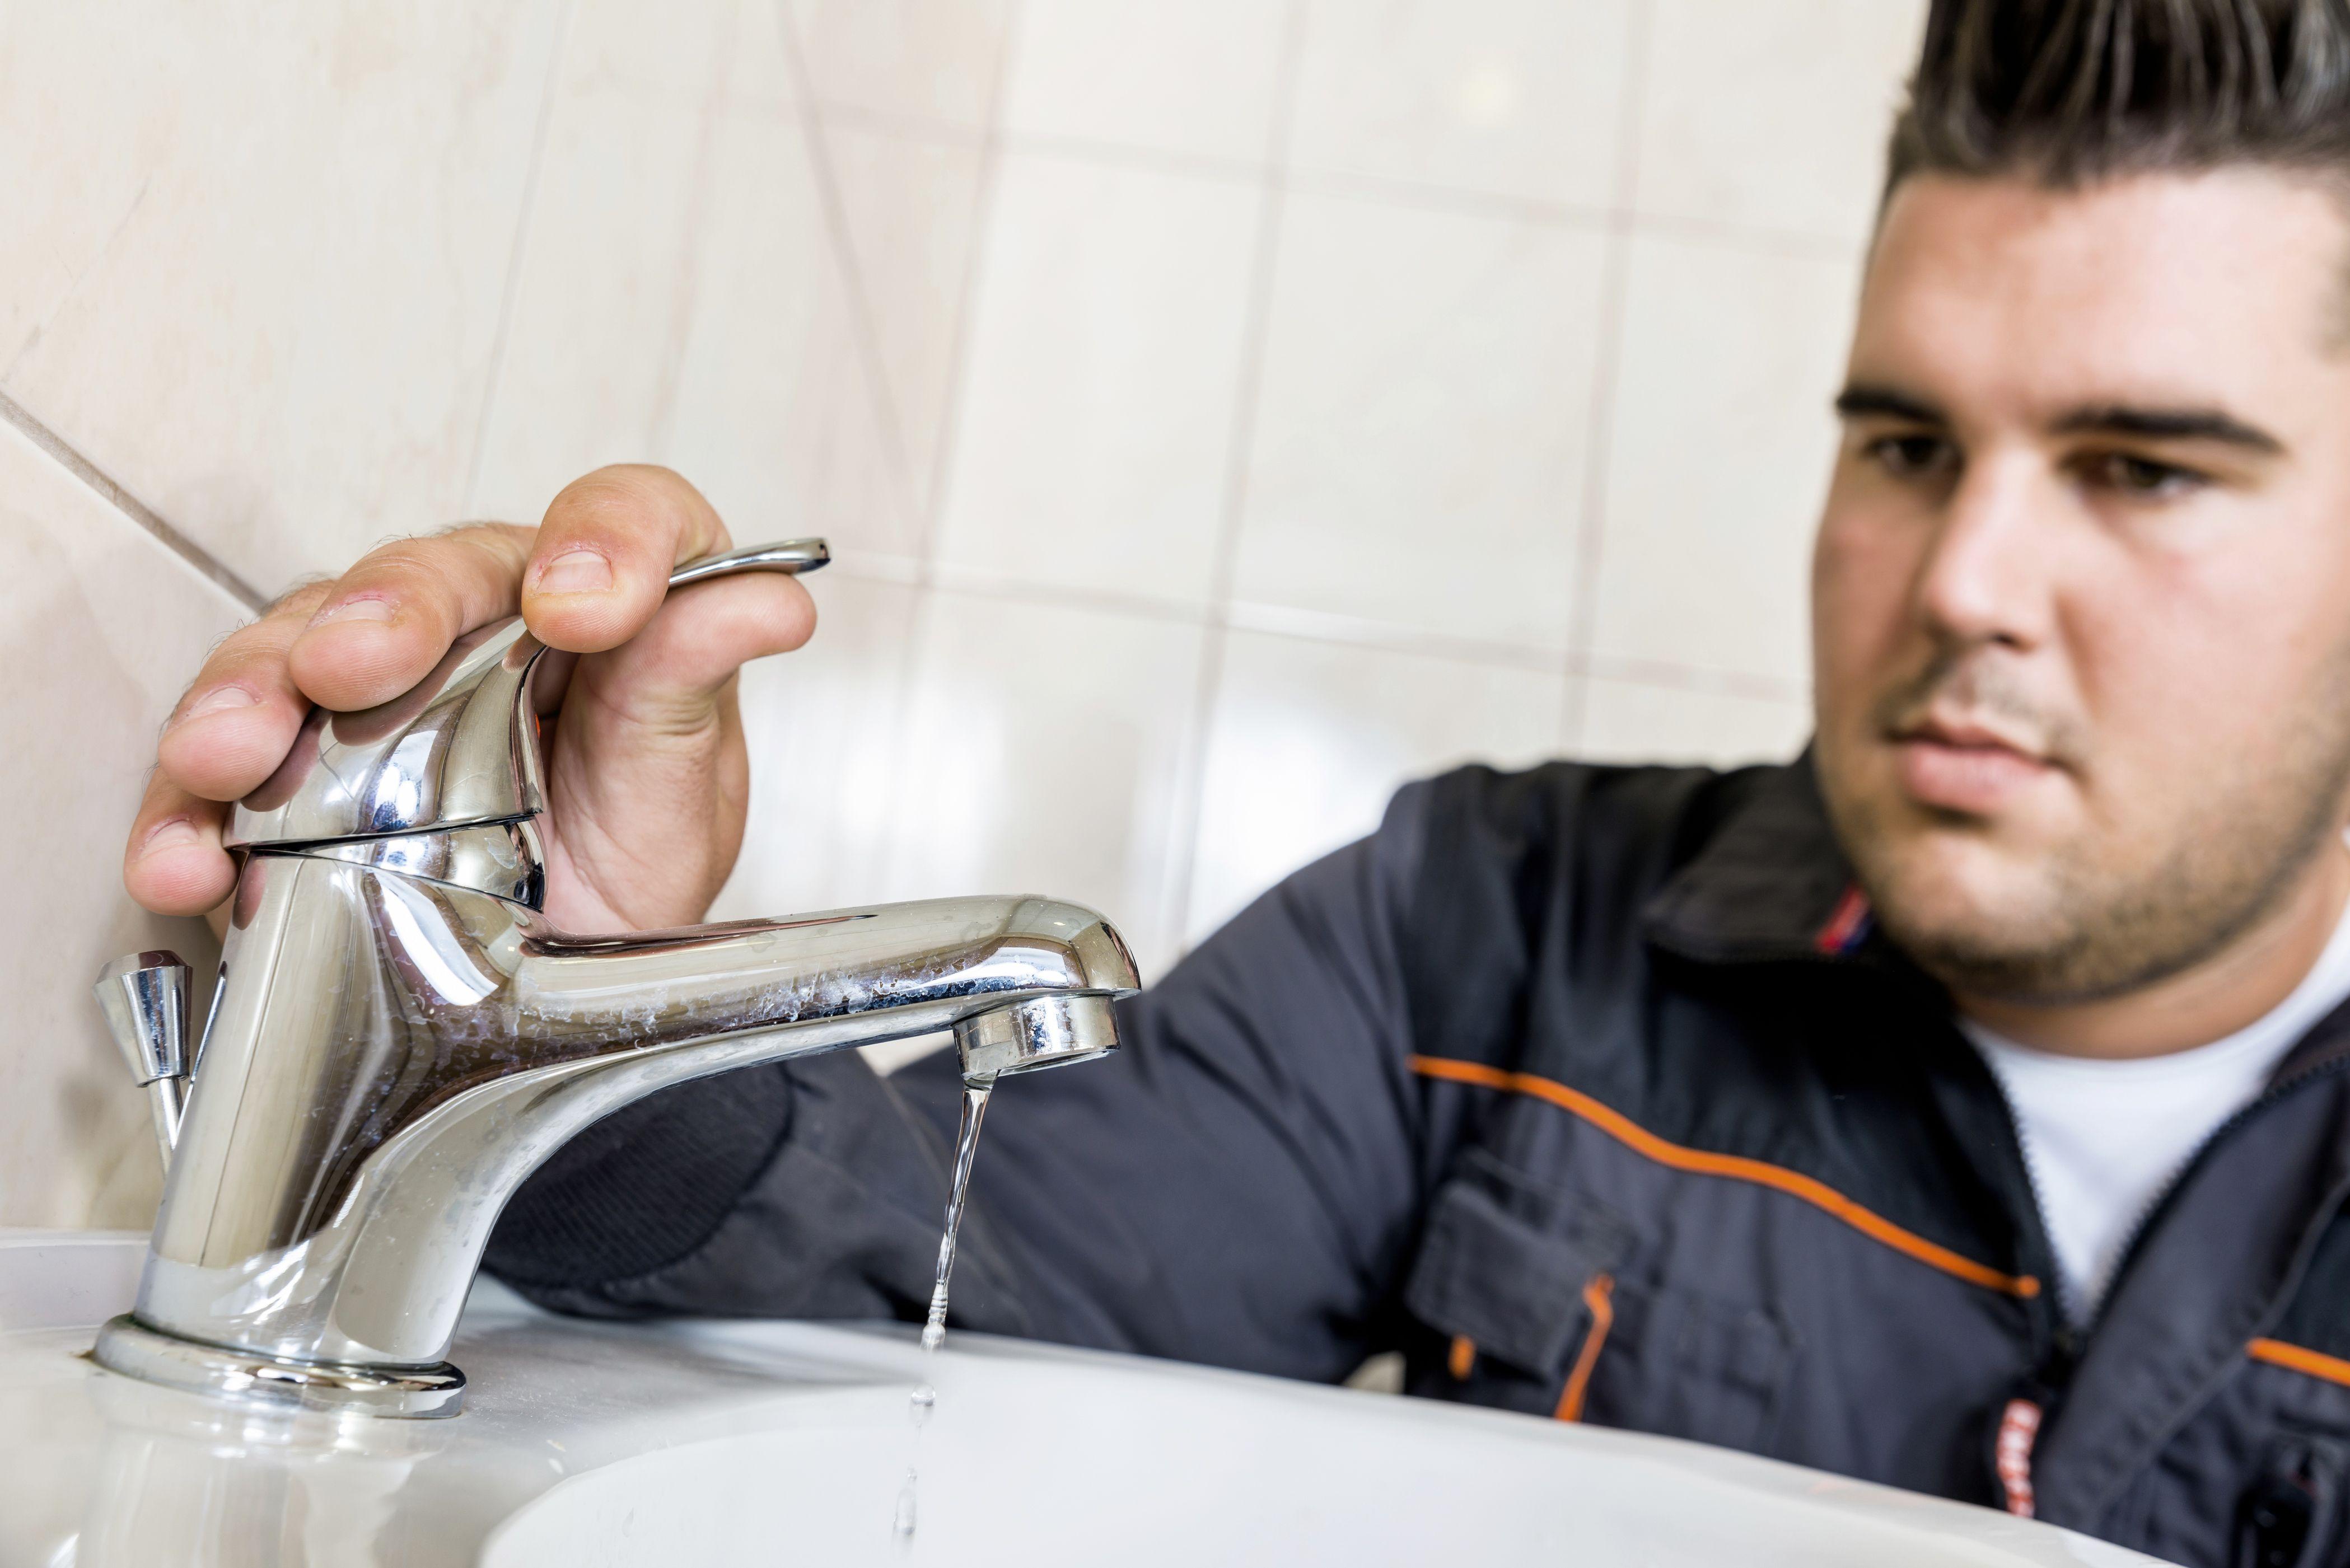 2021 average sink or faucet repair cost